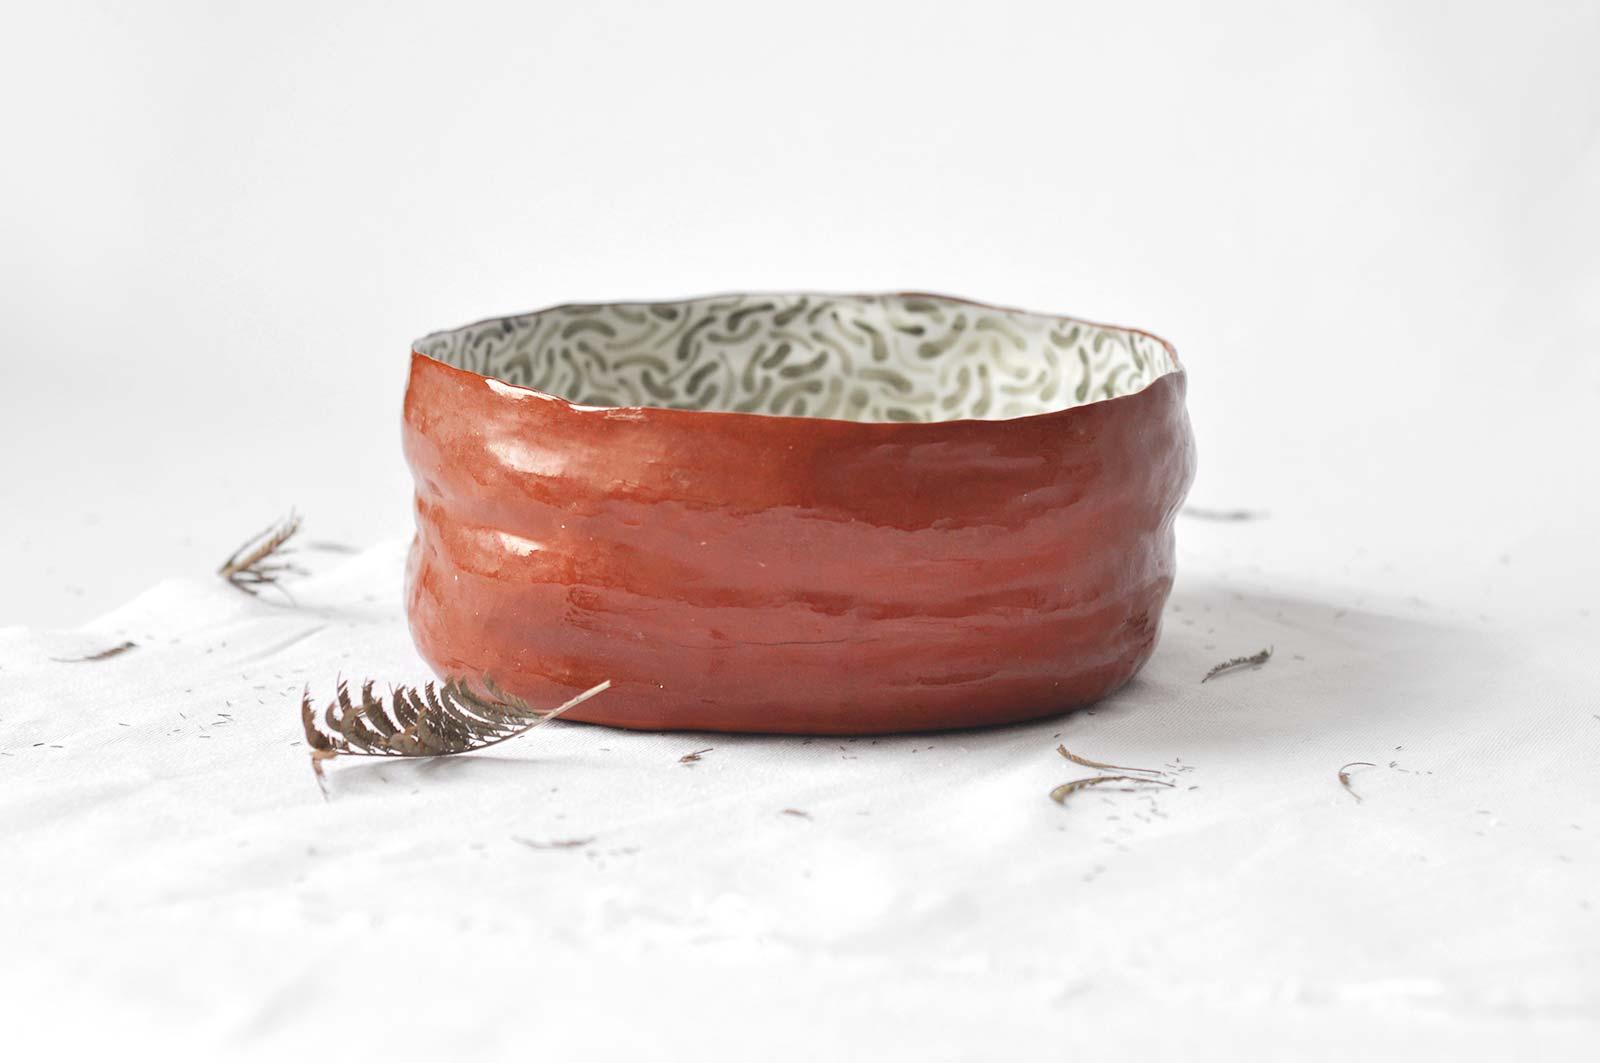 Велика глибока тарілка з з кераміки (Ручна робота)